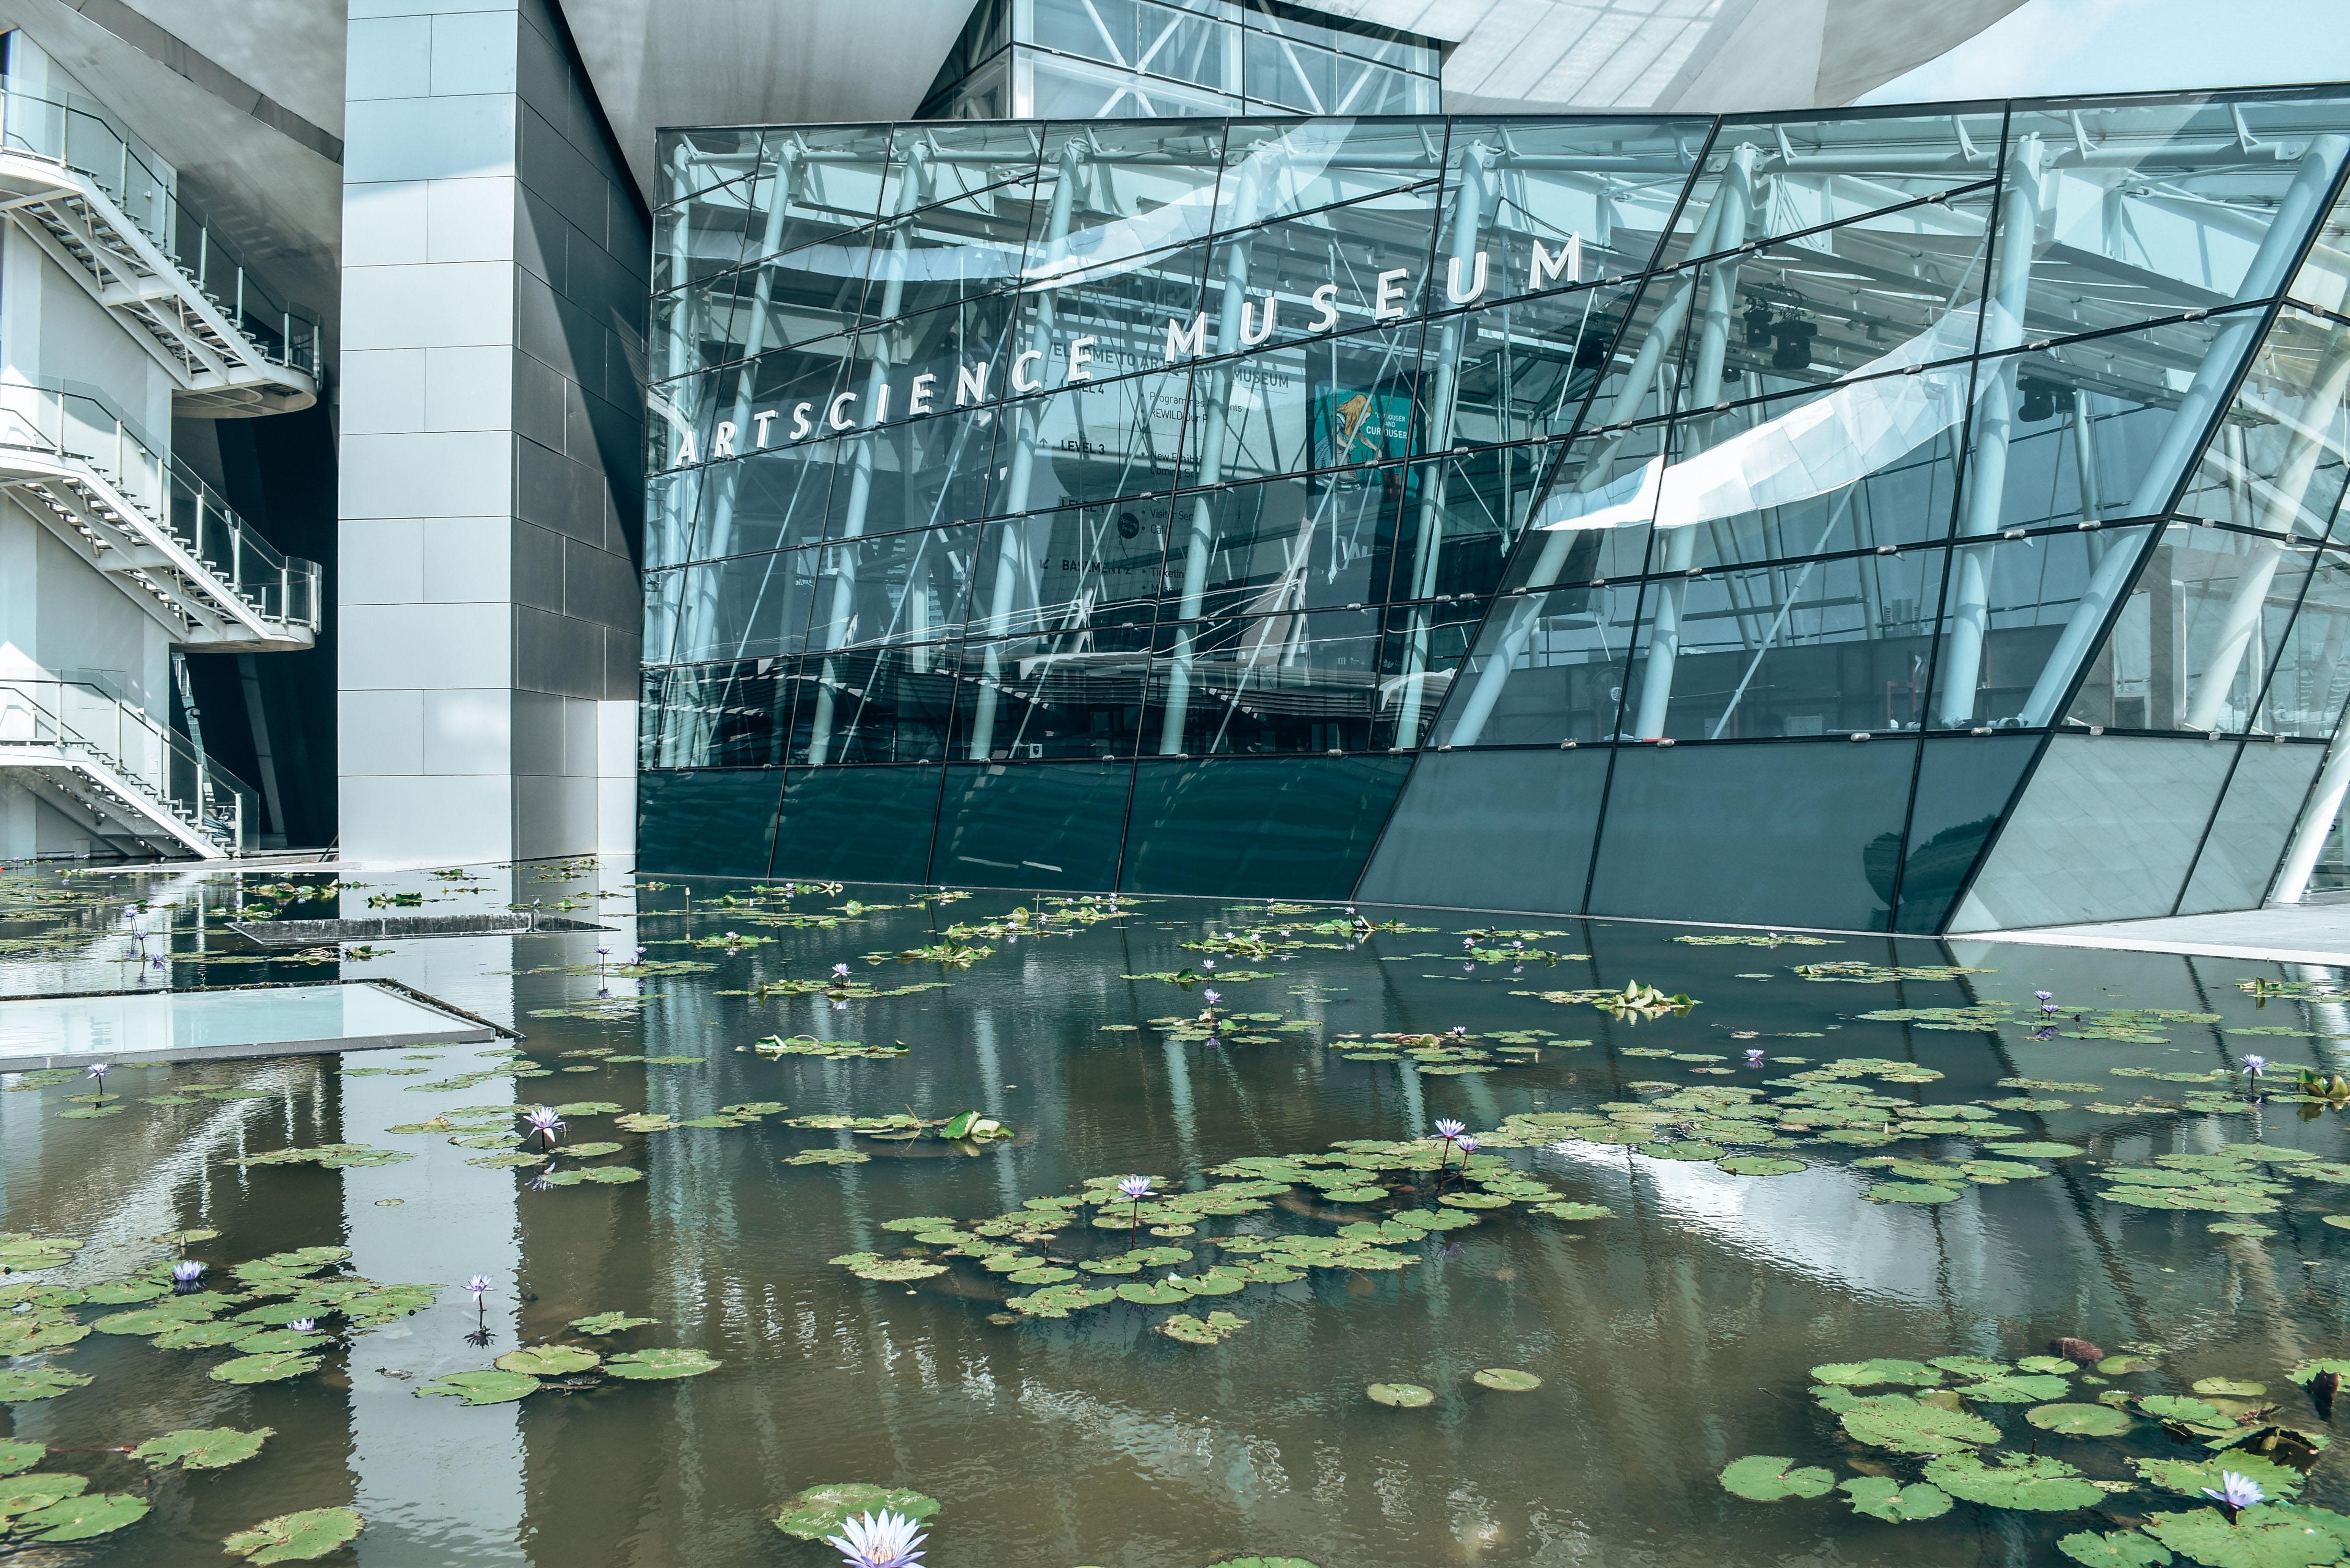 Wejście do ArtScience Museum